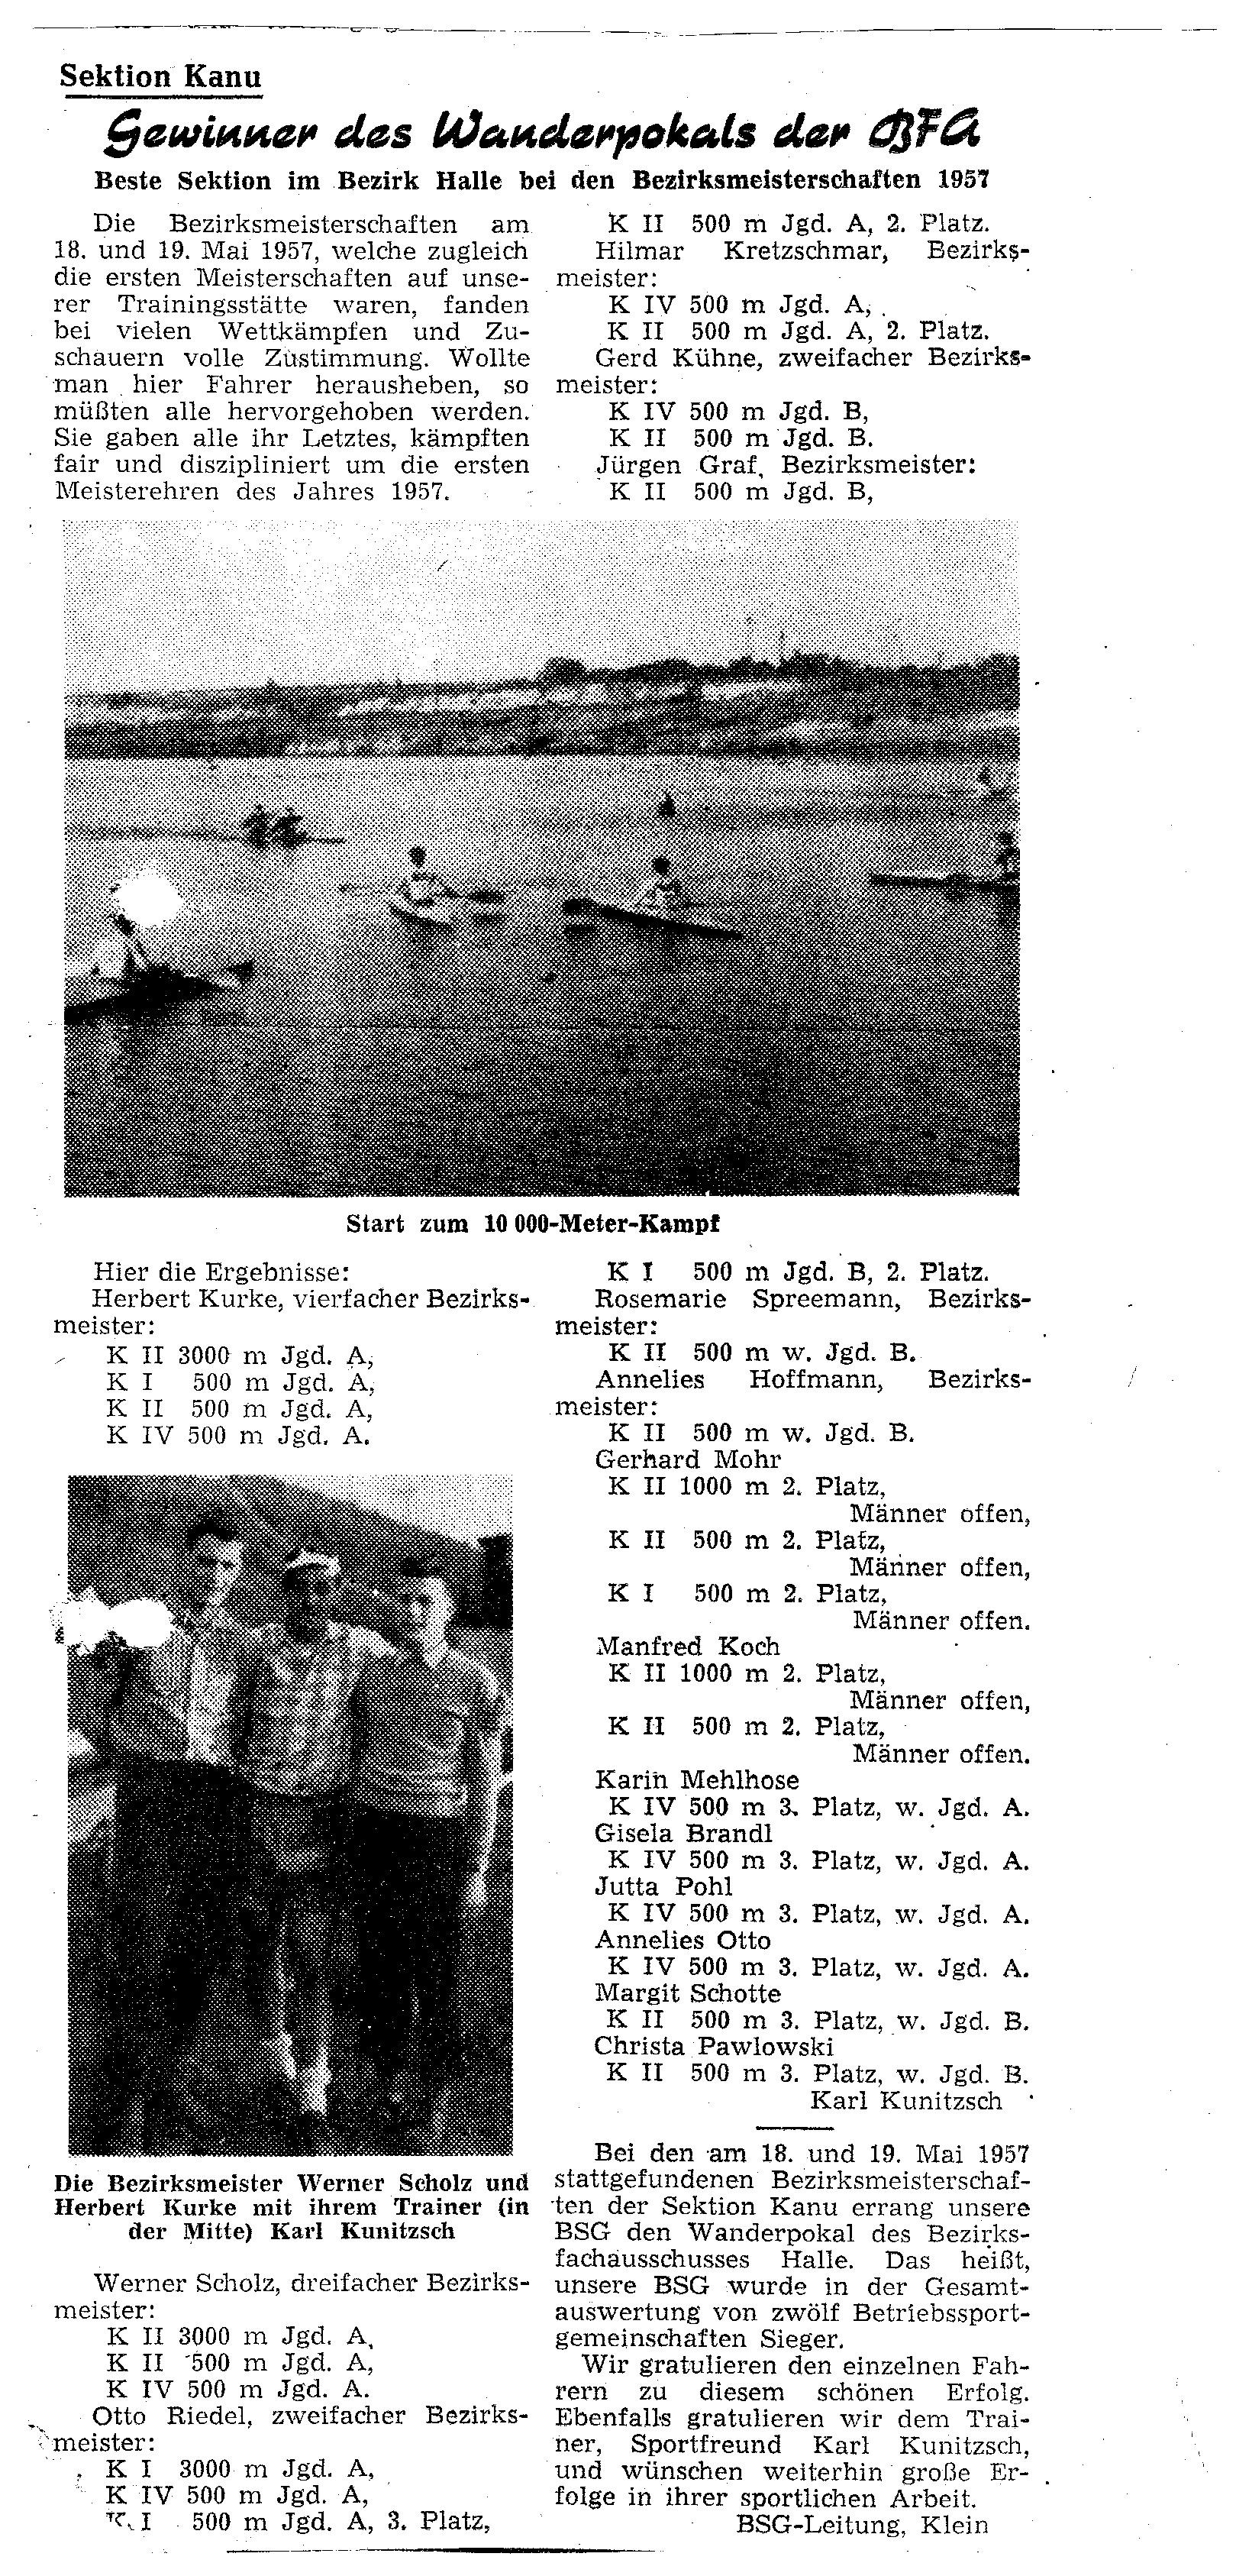 1957 Gewinner des Wanderpokals der BFG